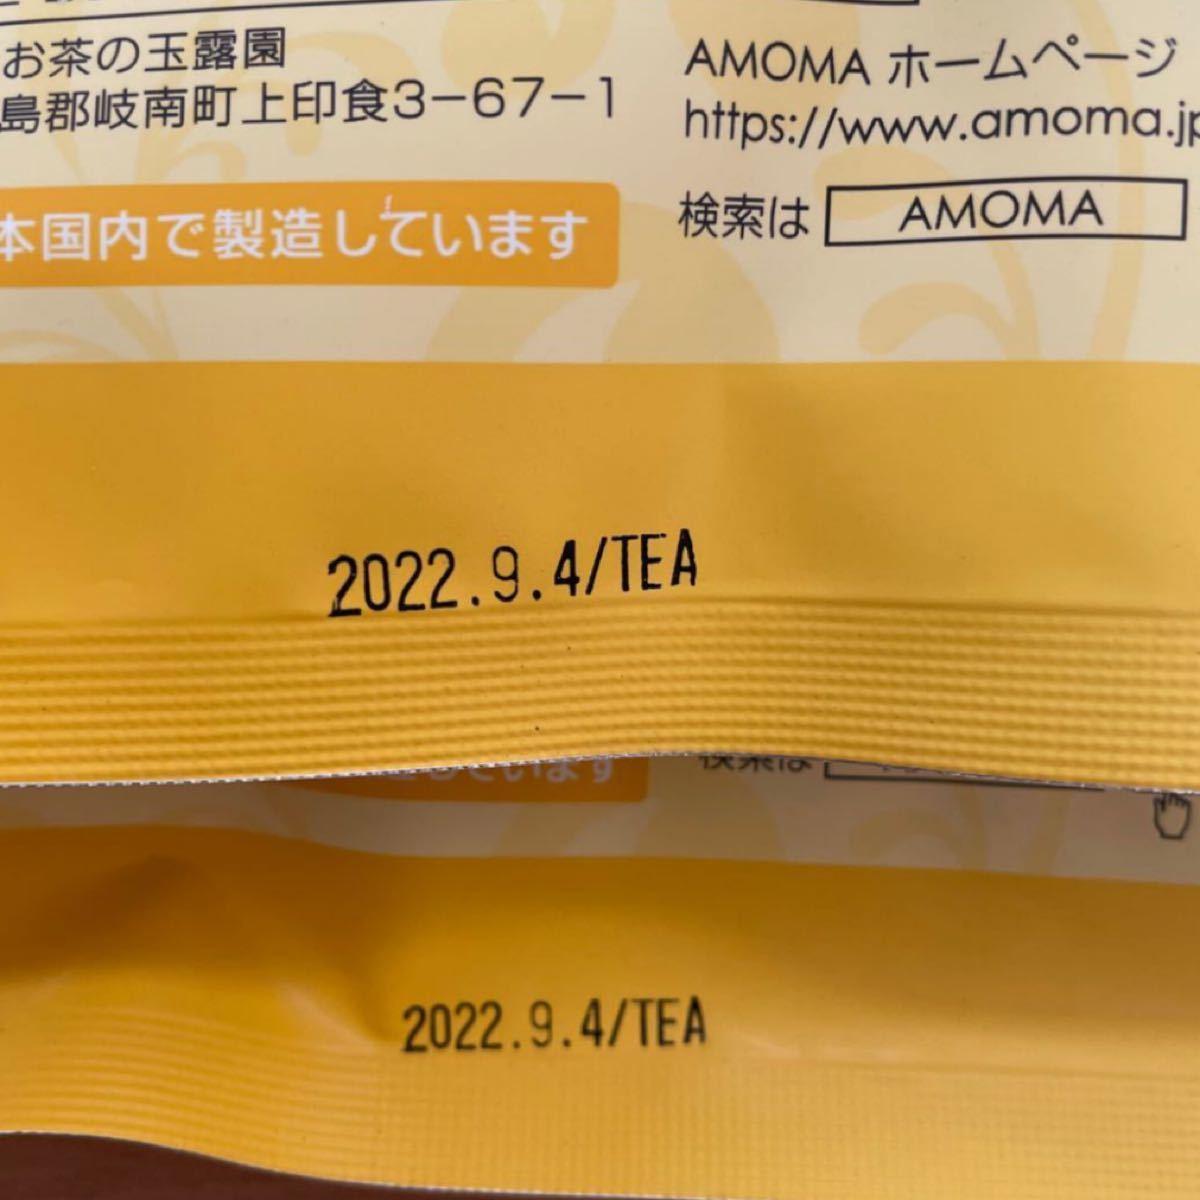 AMOMA ミルクスルーブレンド 2袋 ノンカフェイン ハーブティー